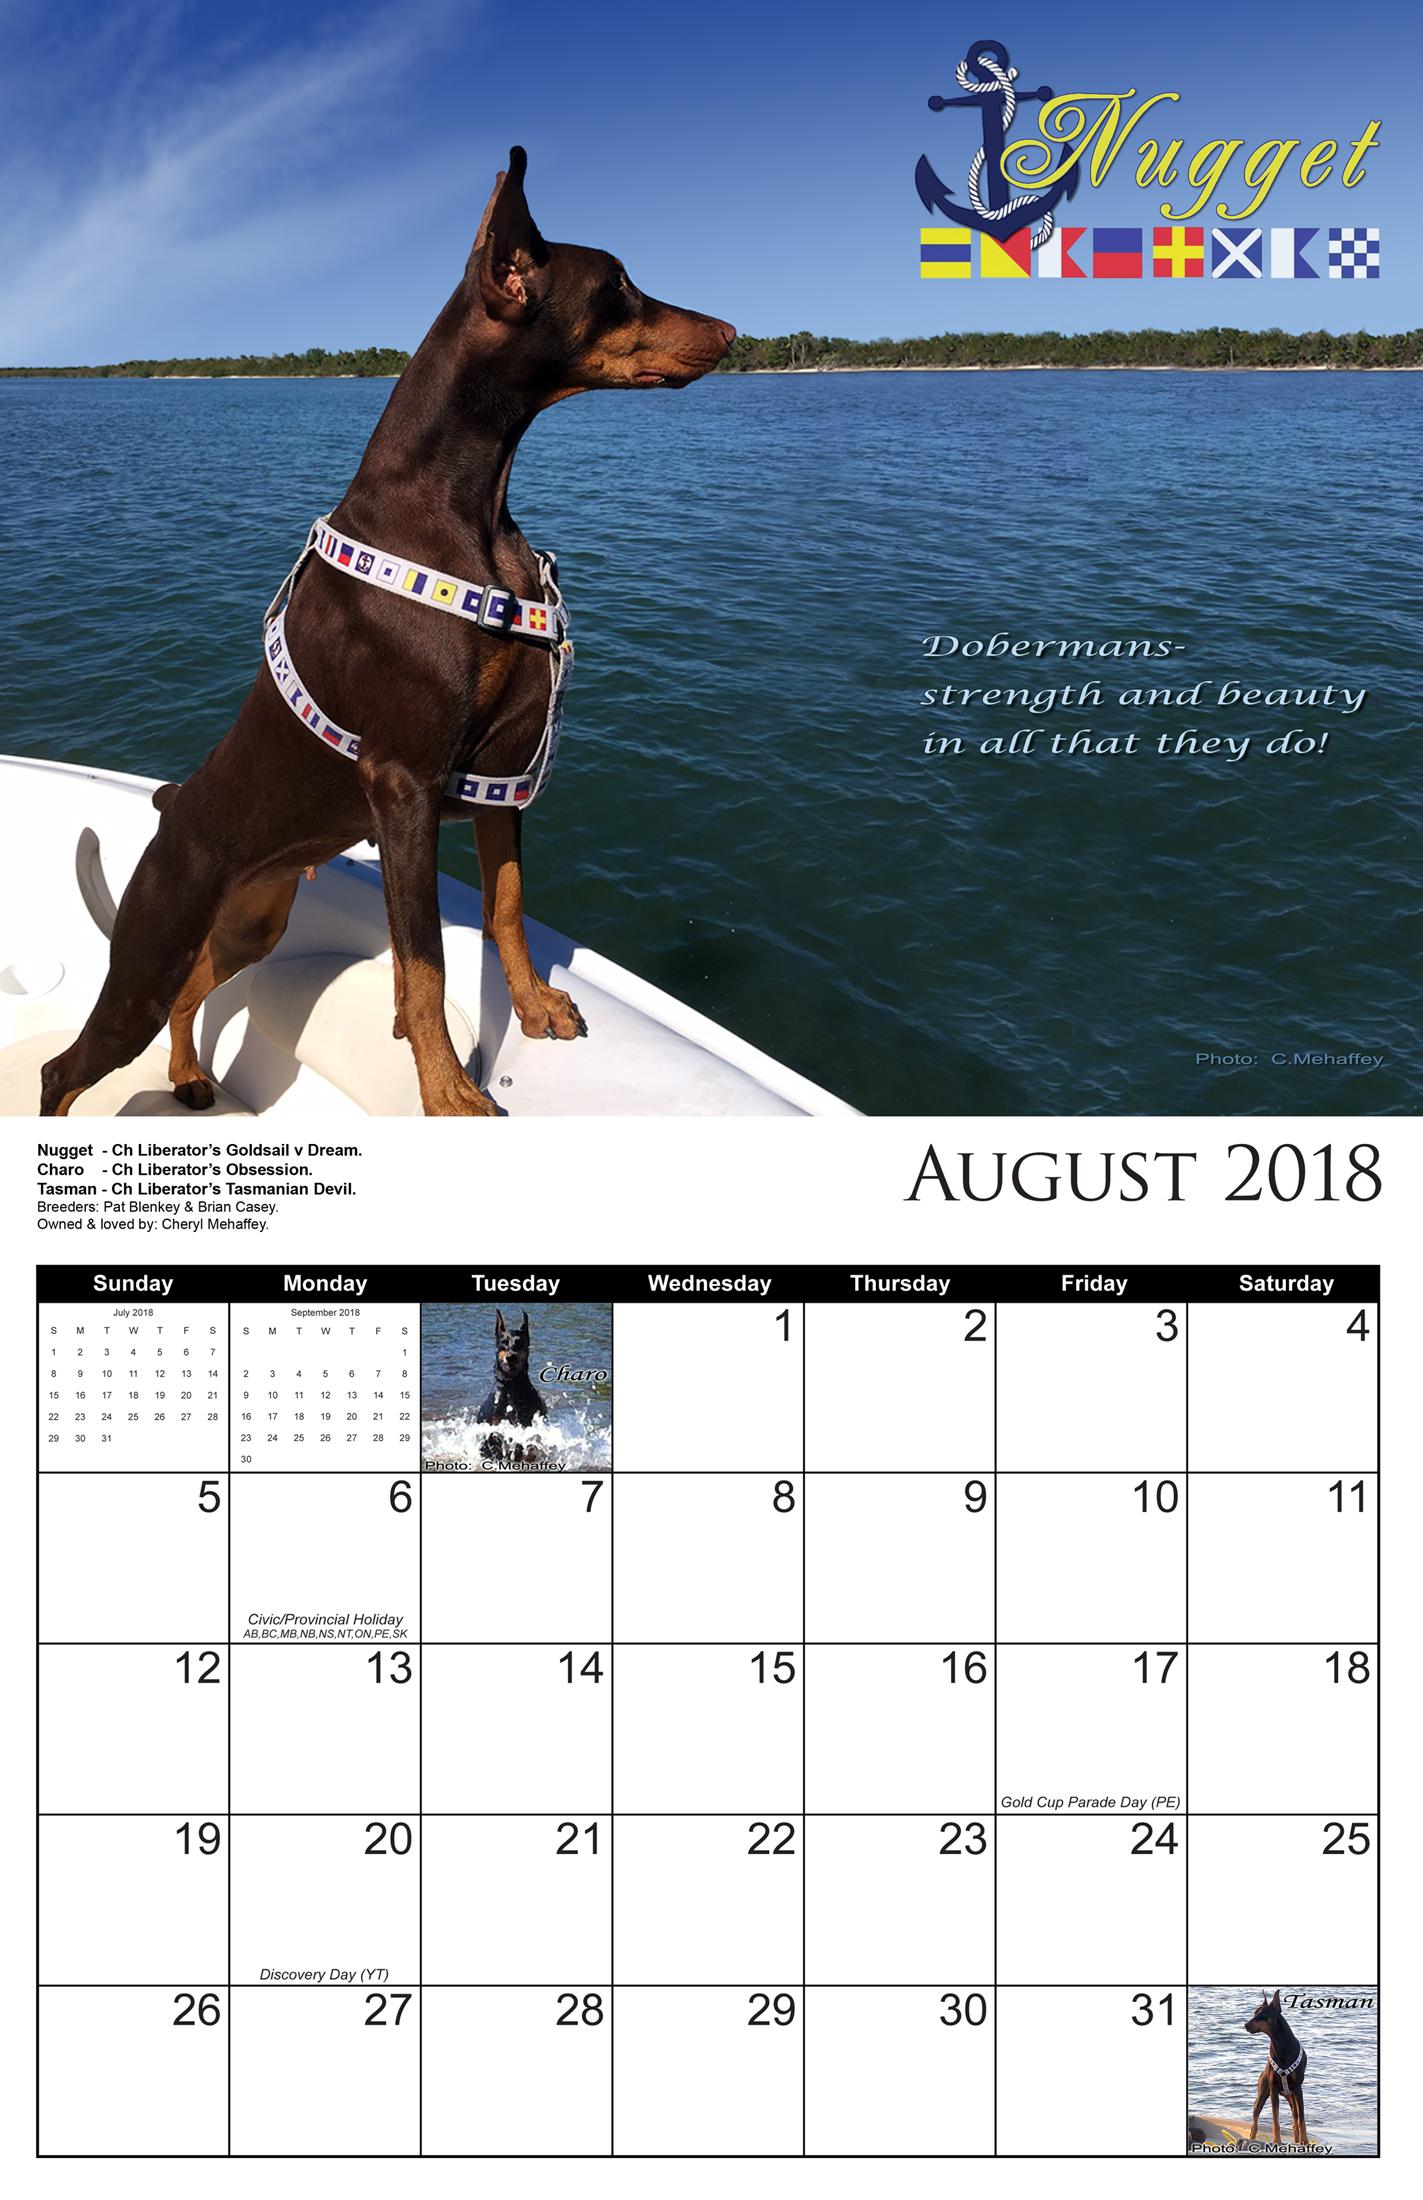 aug calendar 2018